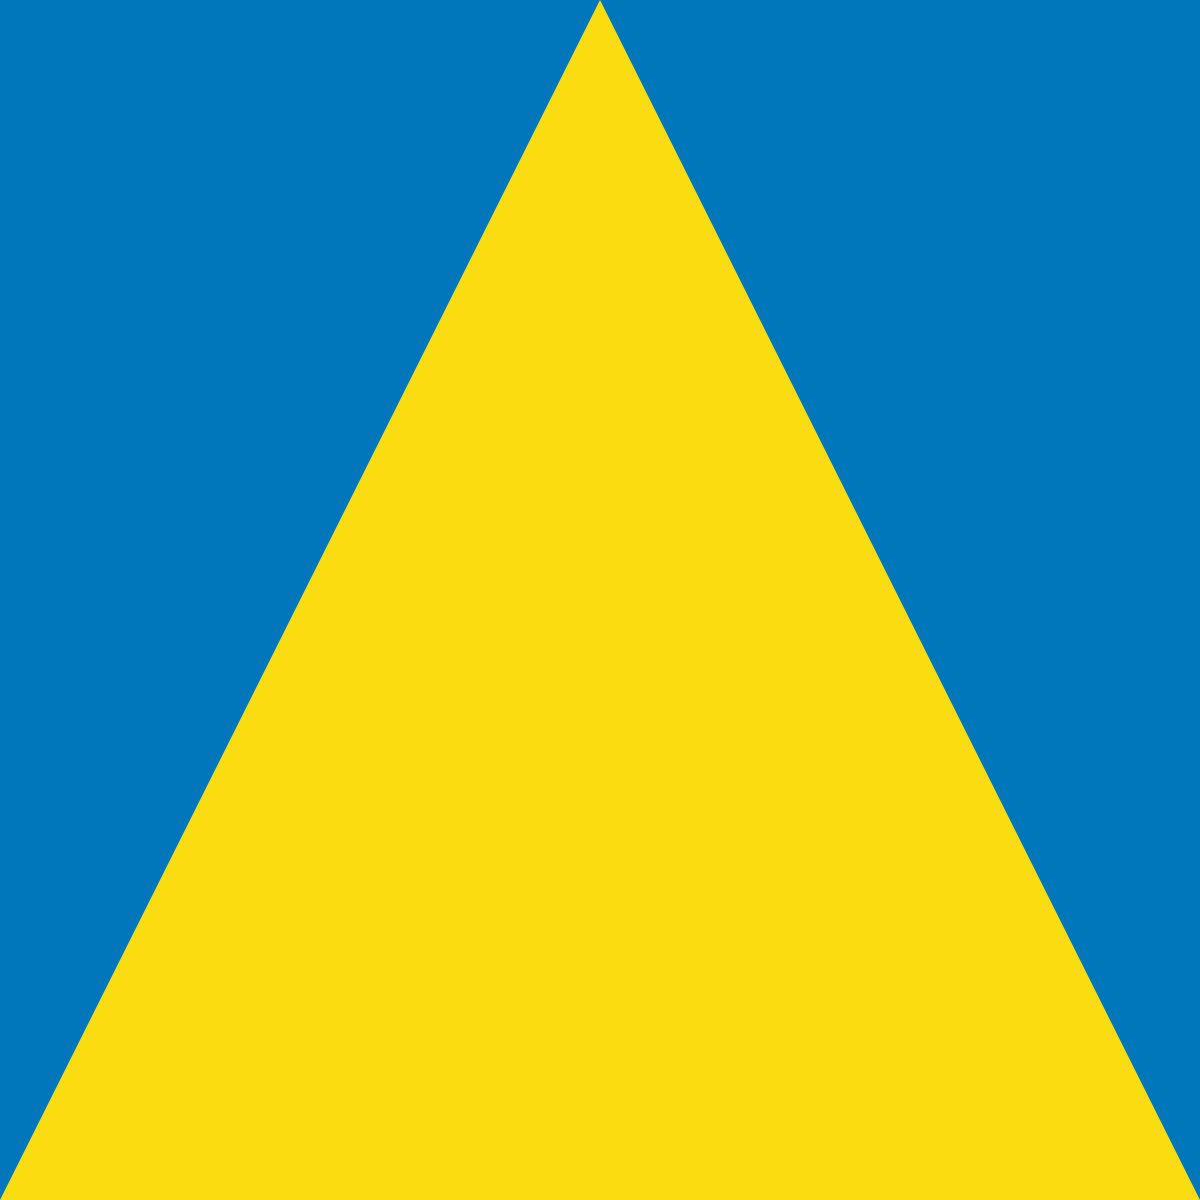 Флаг Нового Роздола